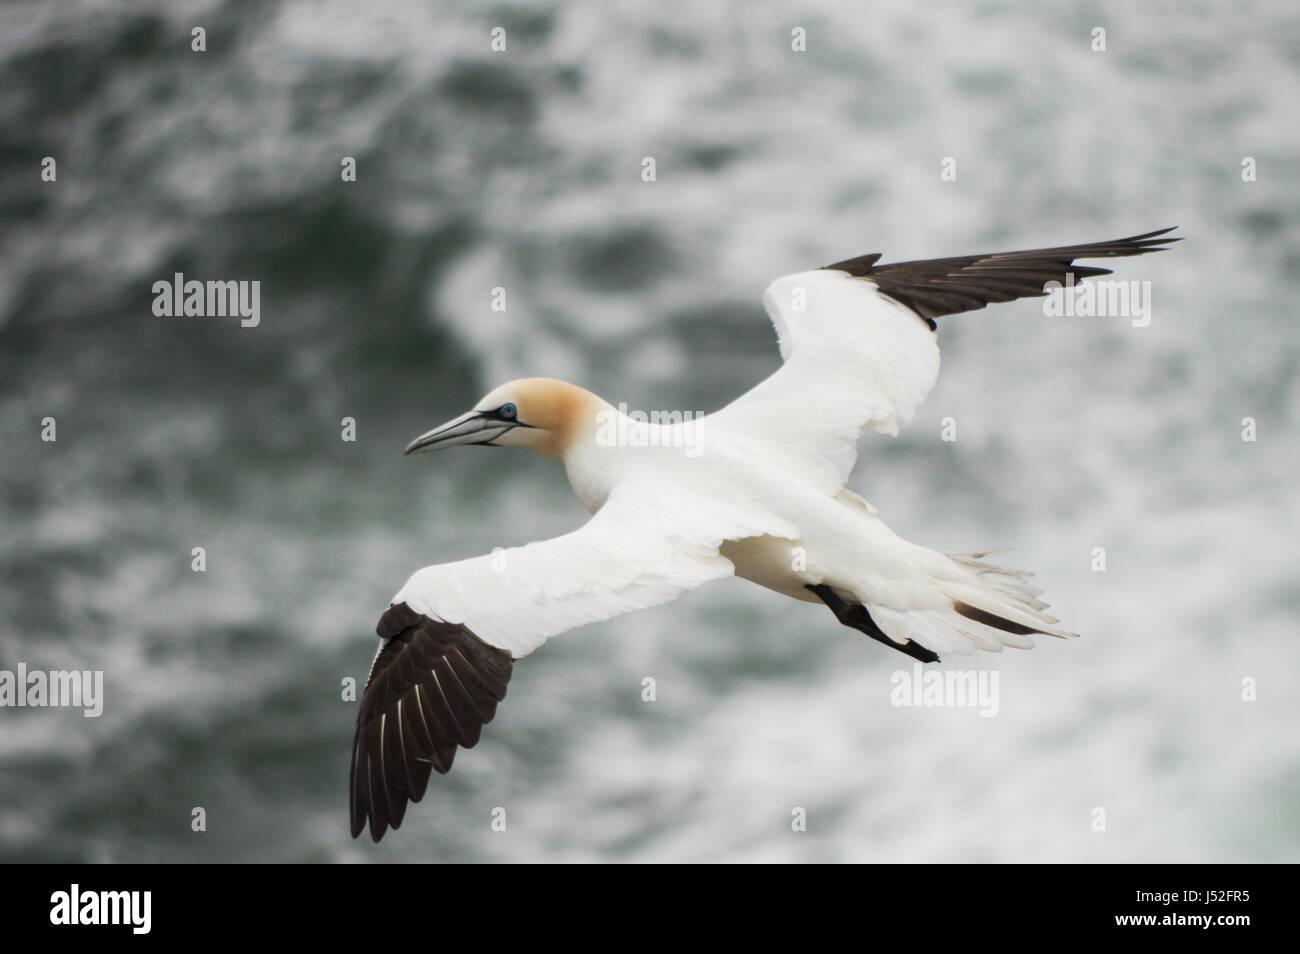 Gannet in flight - Saltee Islands, Ireland - Stock Image